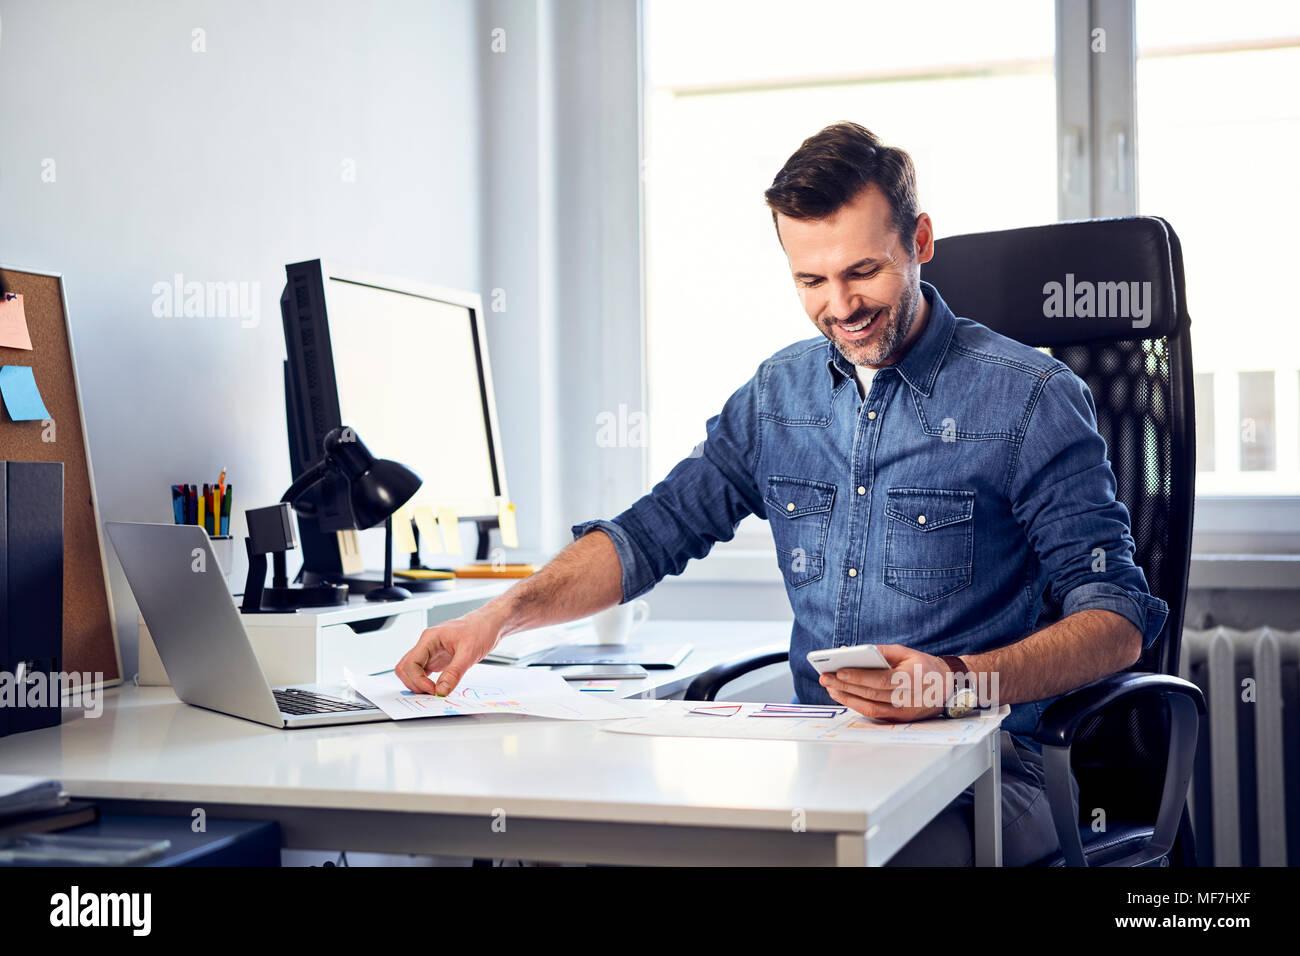 Lachelnder Mann Mit Smartphone Und Entwurf Am Schreibtisch Im Buro